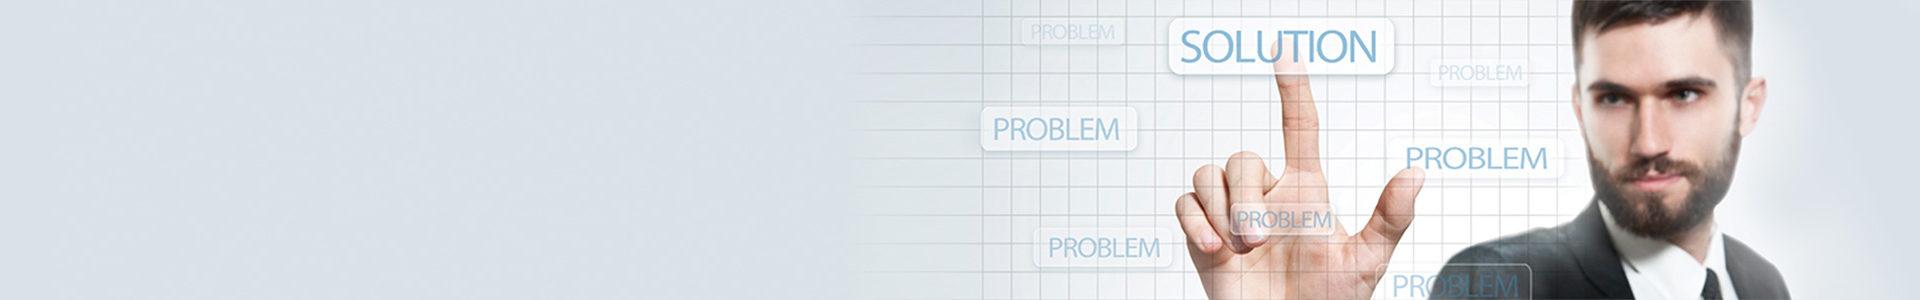 Origination Solutions